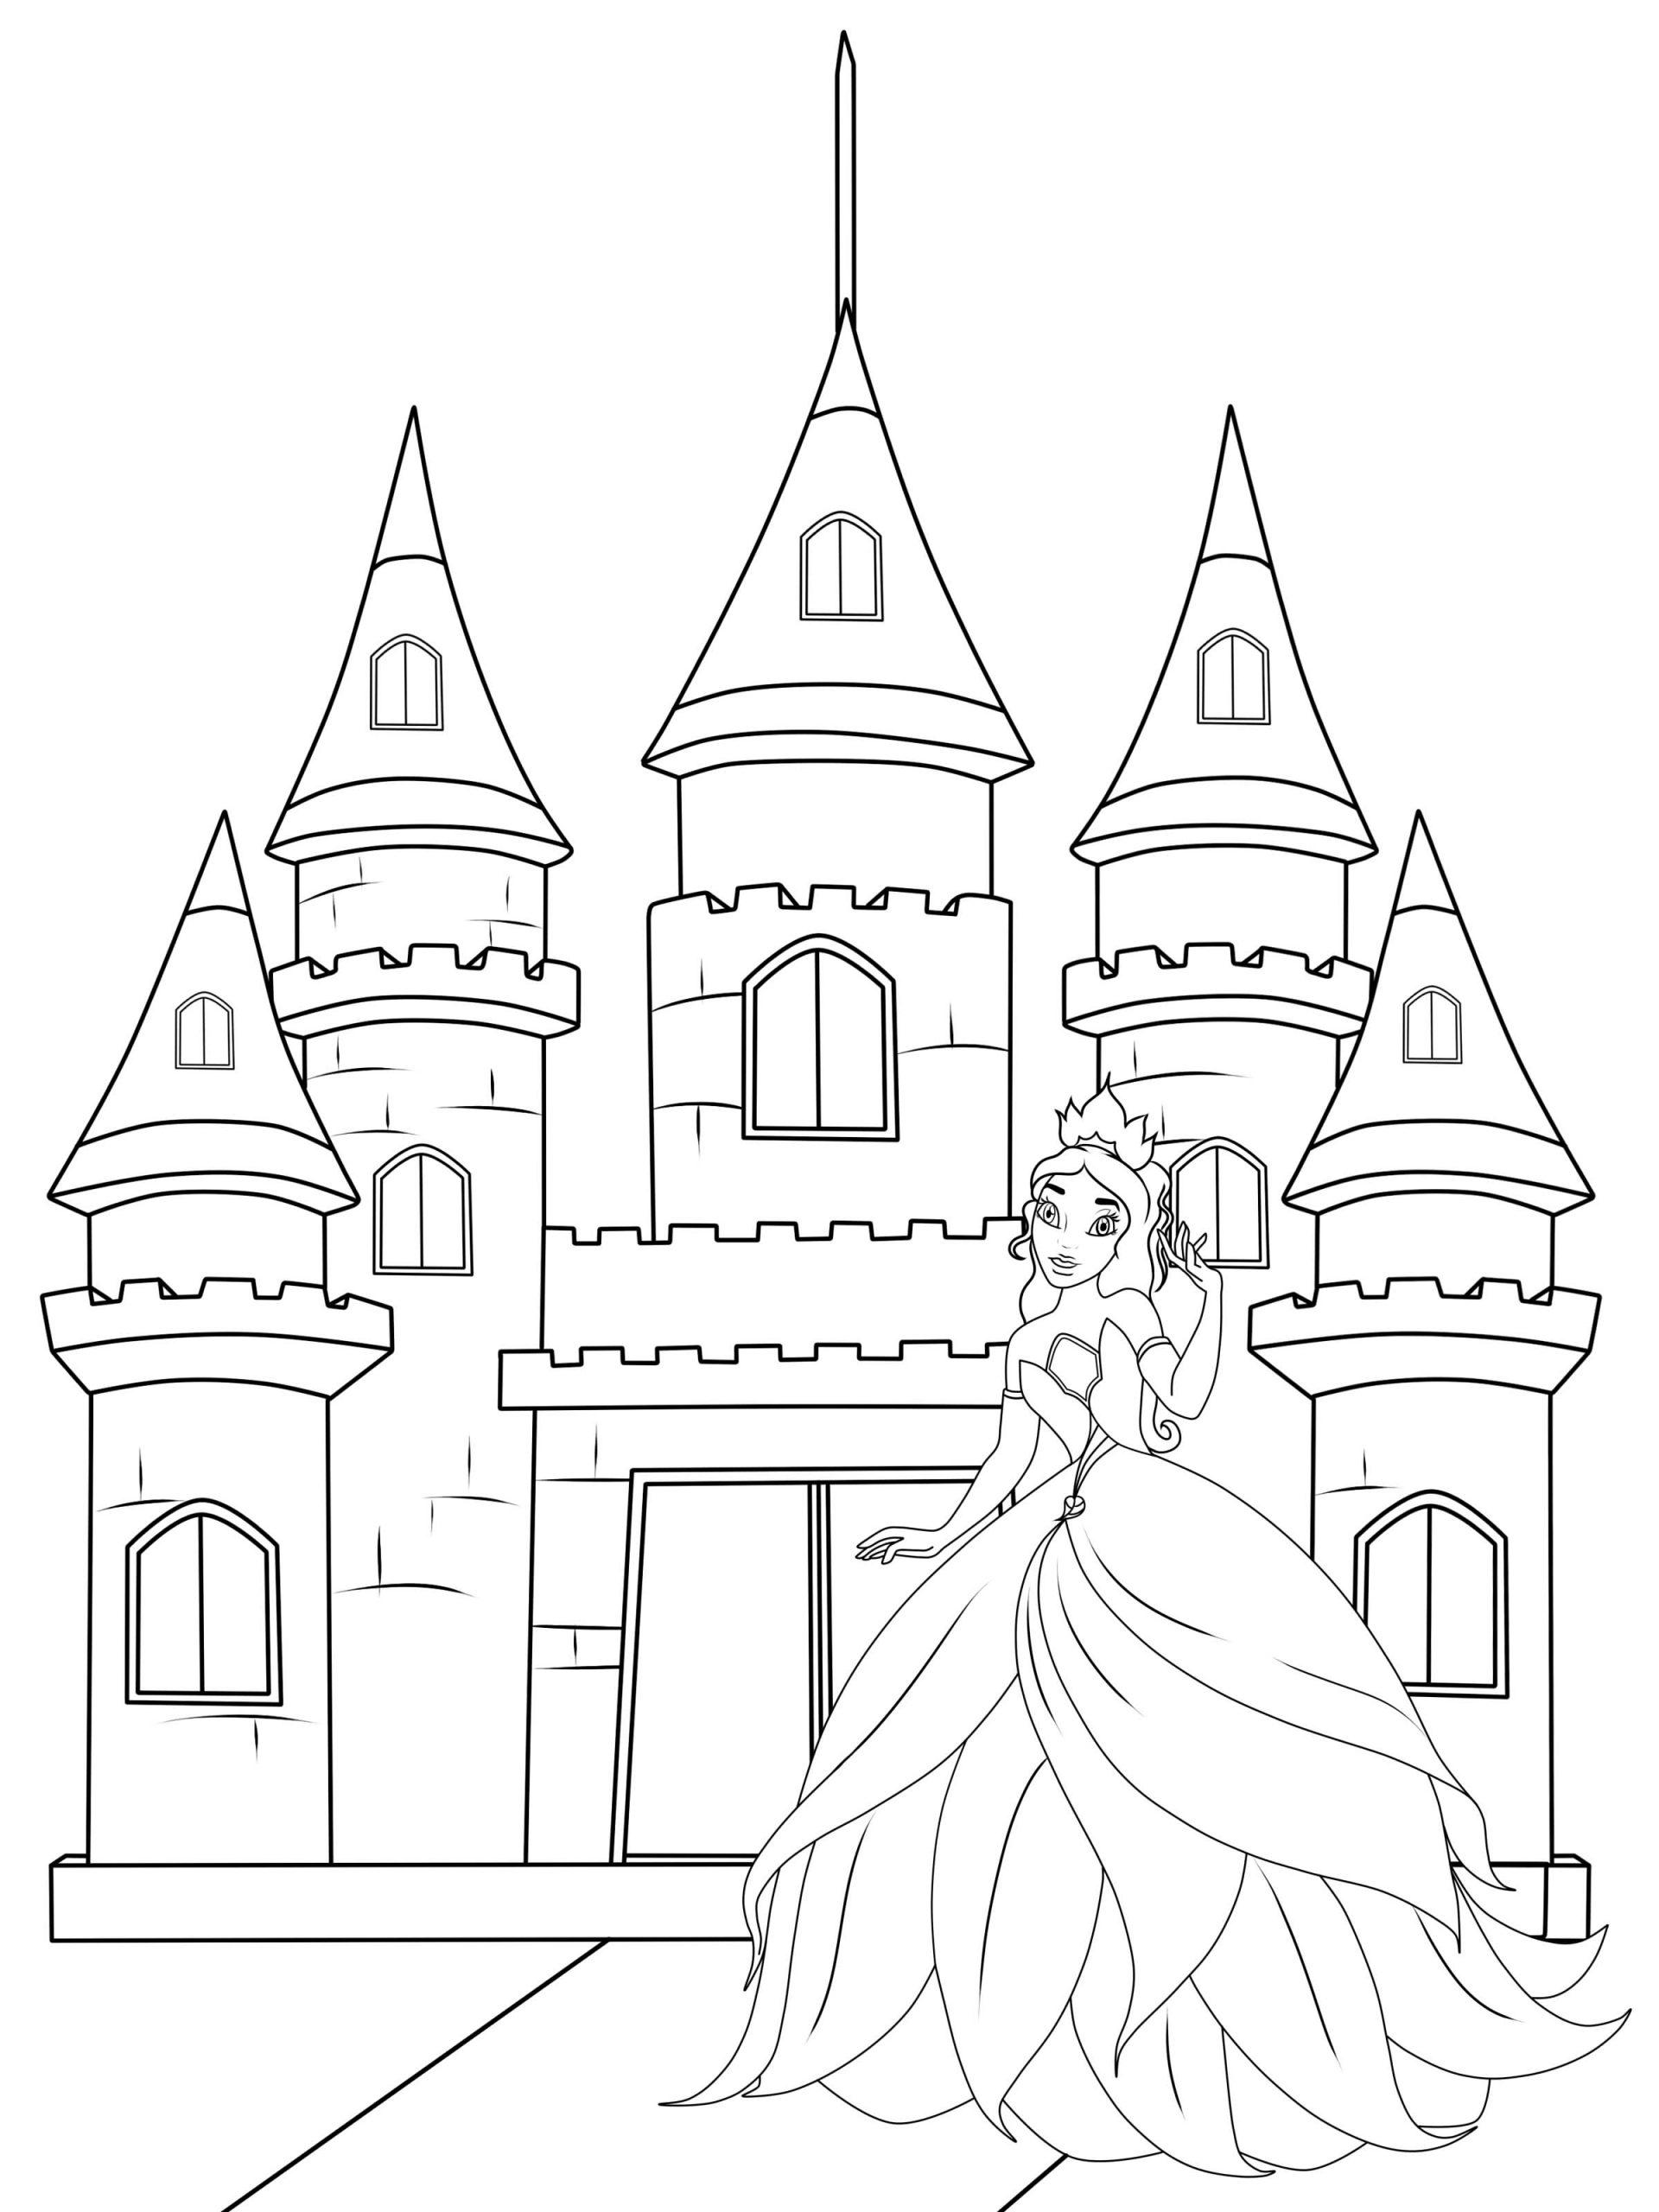 Coloriage À Imprimer : Le Château De La Princesse tout Dessin Chateau Princesse